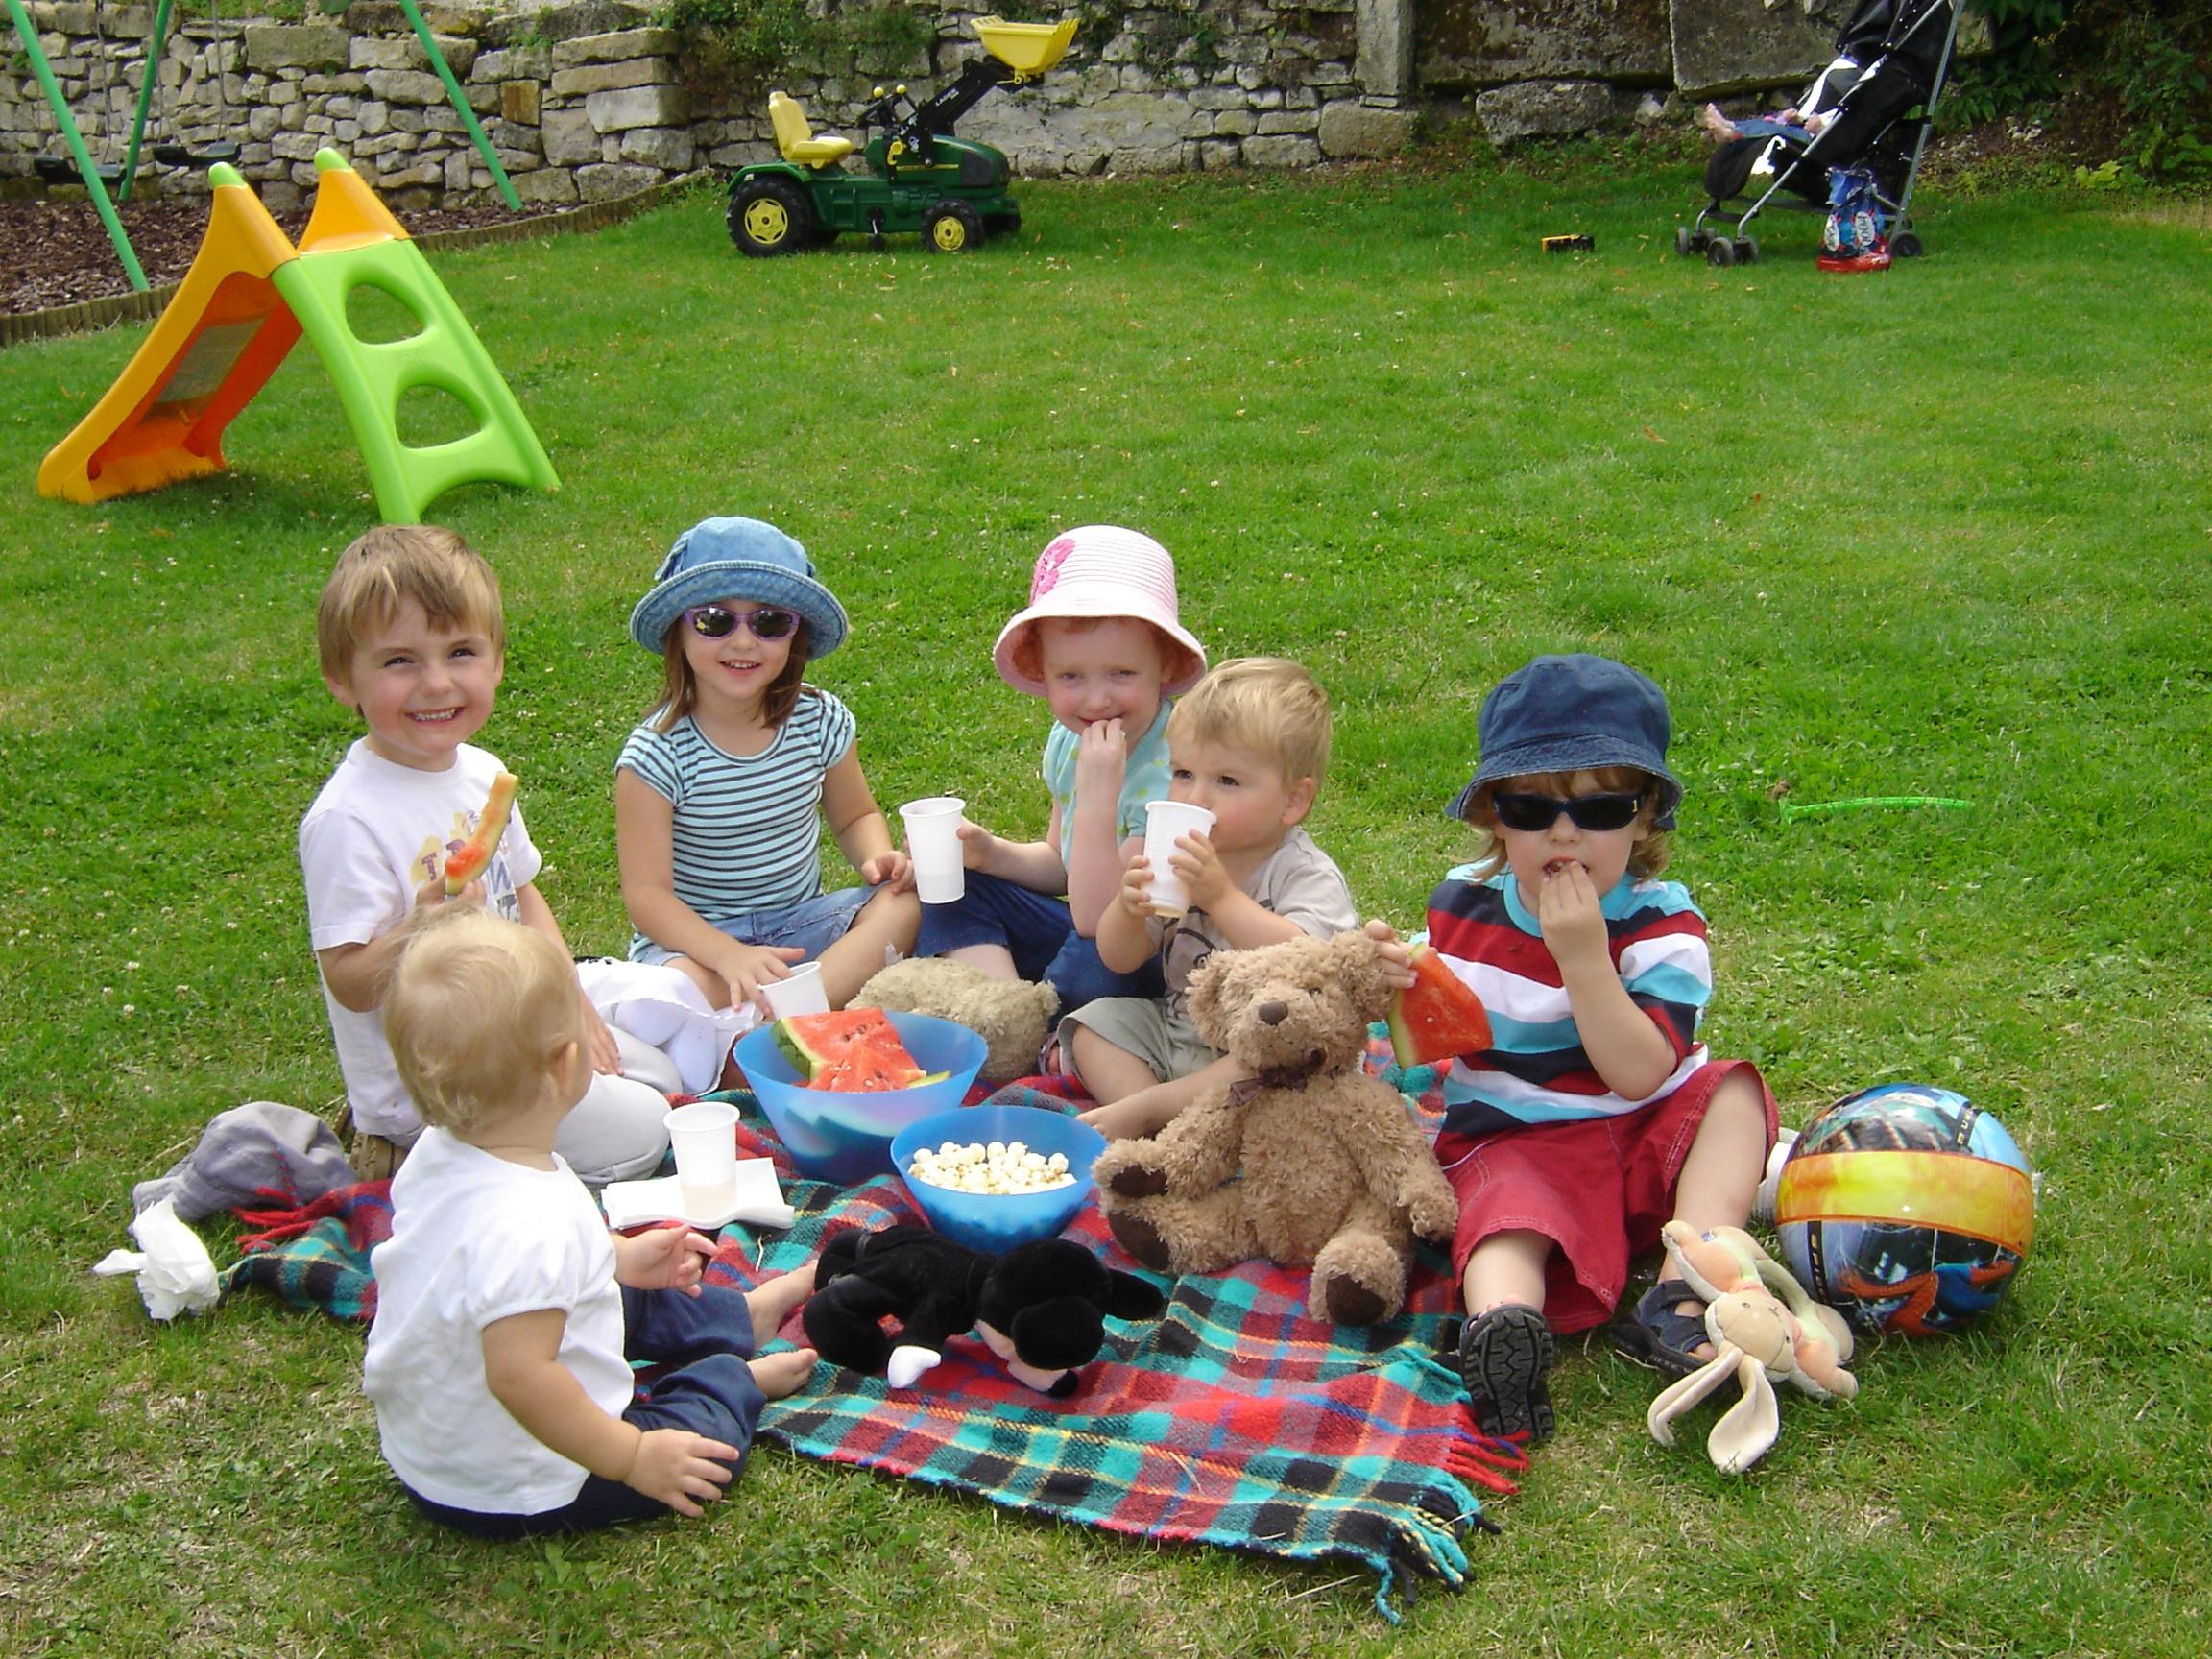 Конкурсы для детей 4 6 лет на улице летом